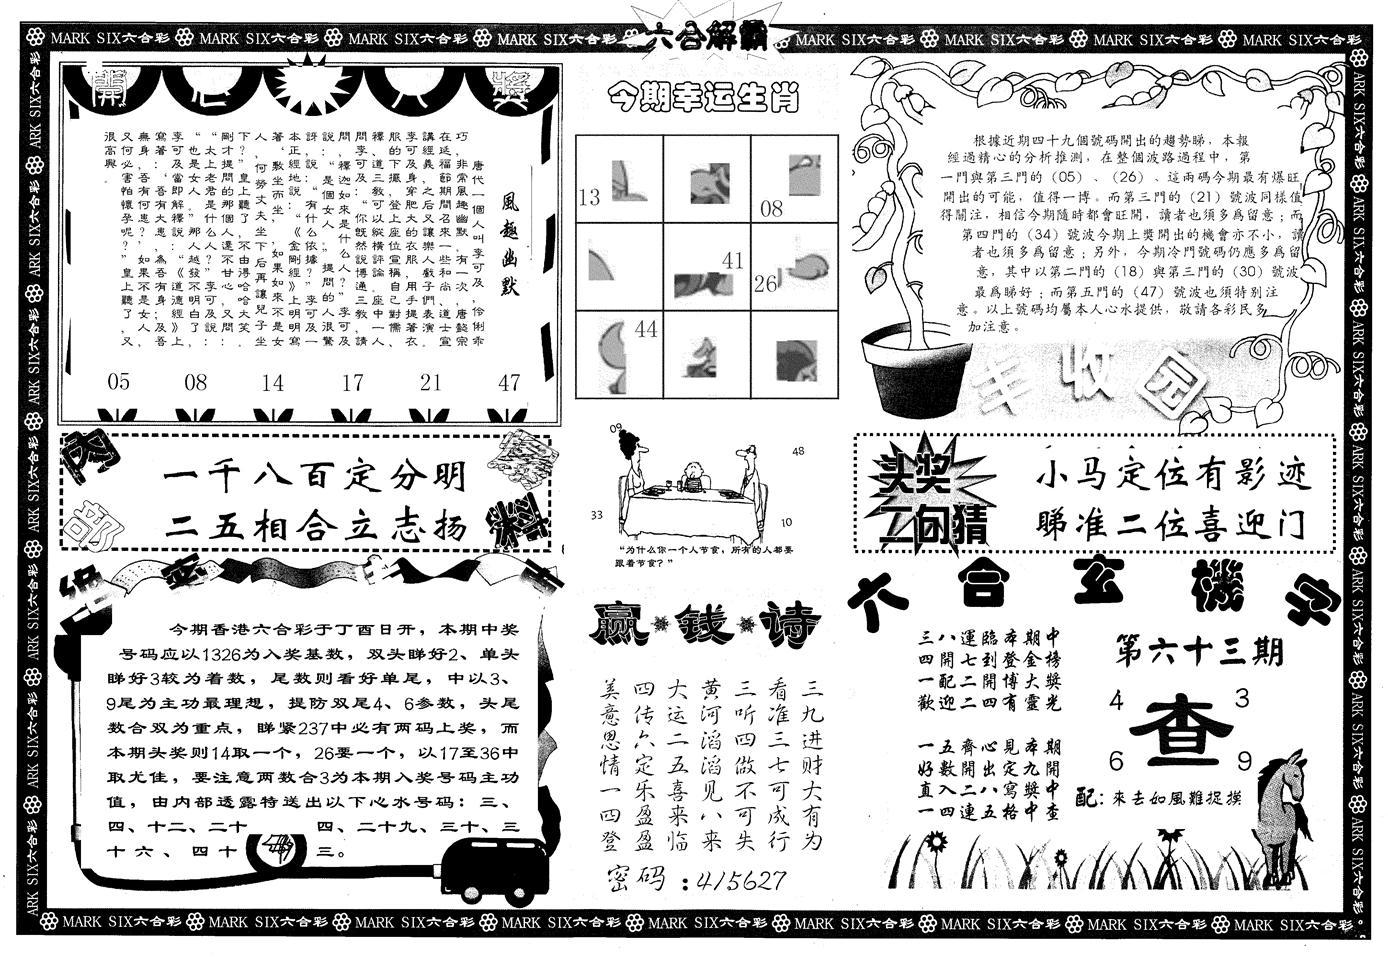 063期六合解霸B(黑白)